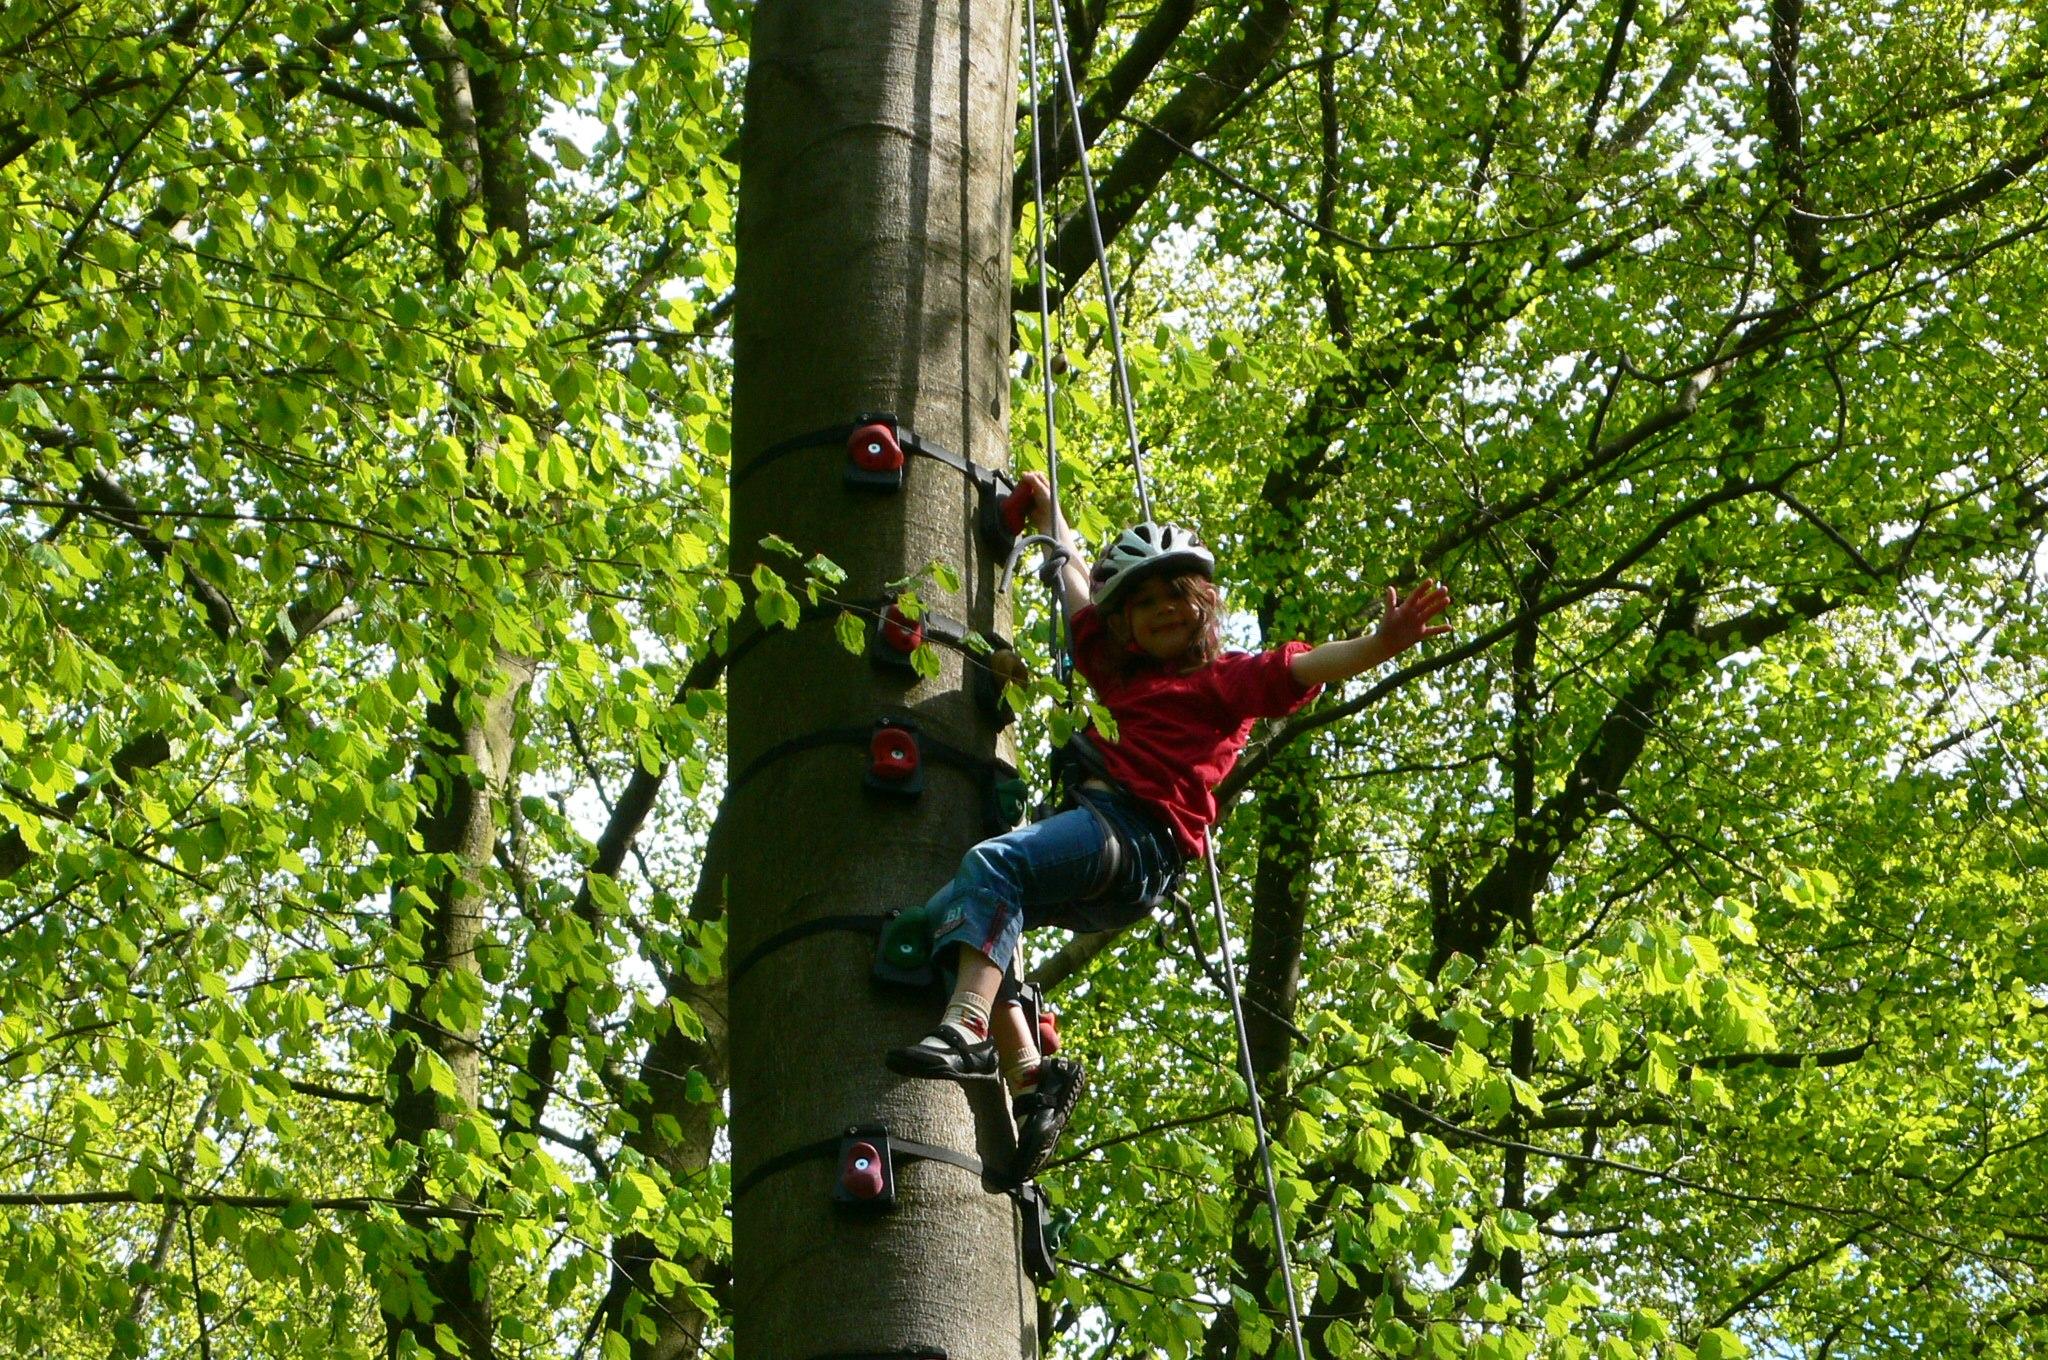 Kinder klettern im Baum, Kinder klettern spaß